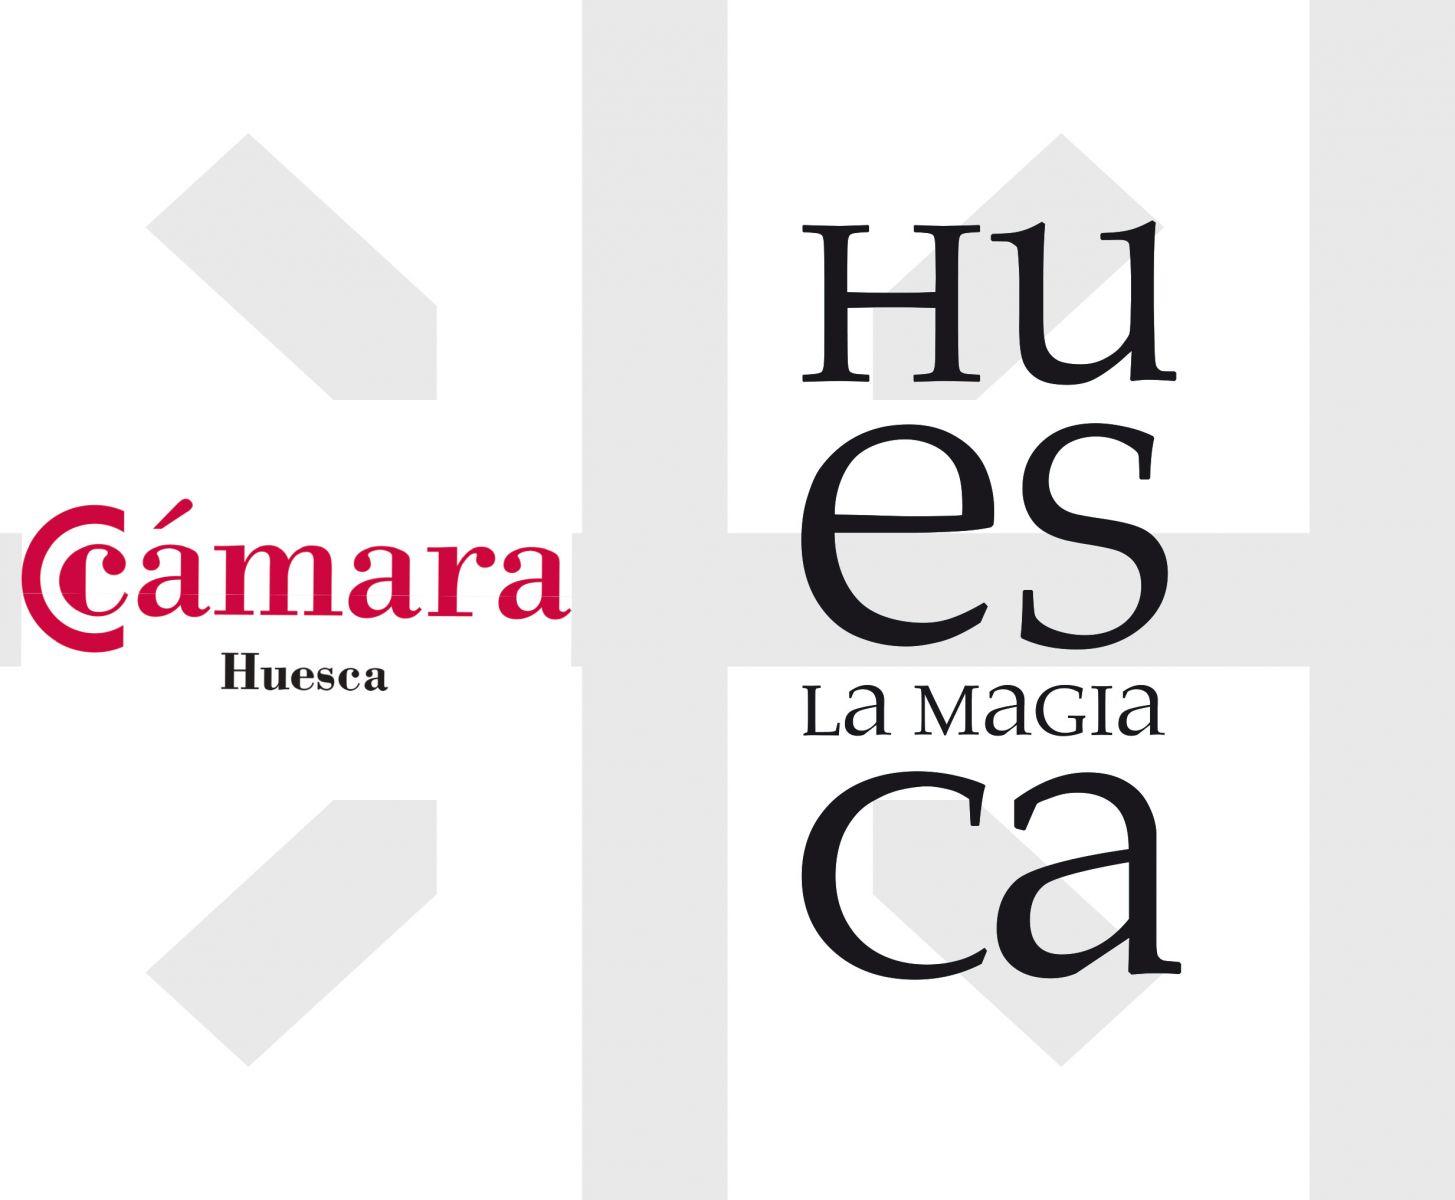 Logo unión Cámara y Huesca la Magia